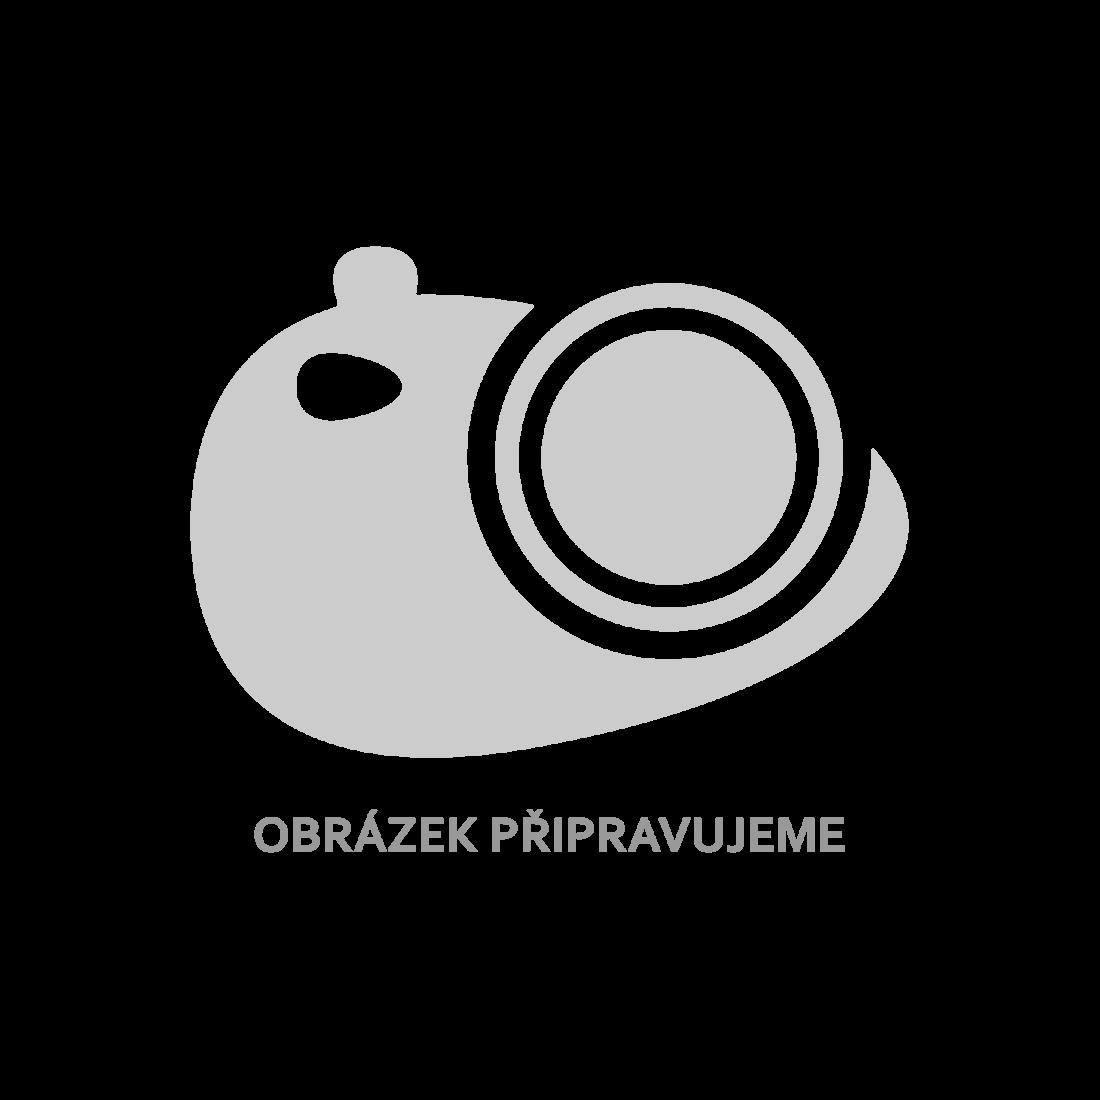 vidaXL Zahradní úložný box hnědý 114 x 47 x 60 cm [49447]